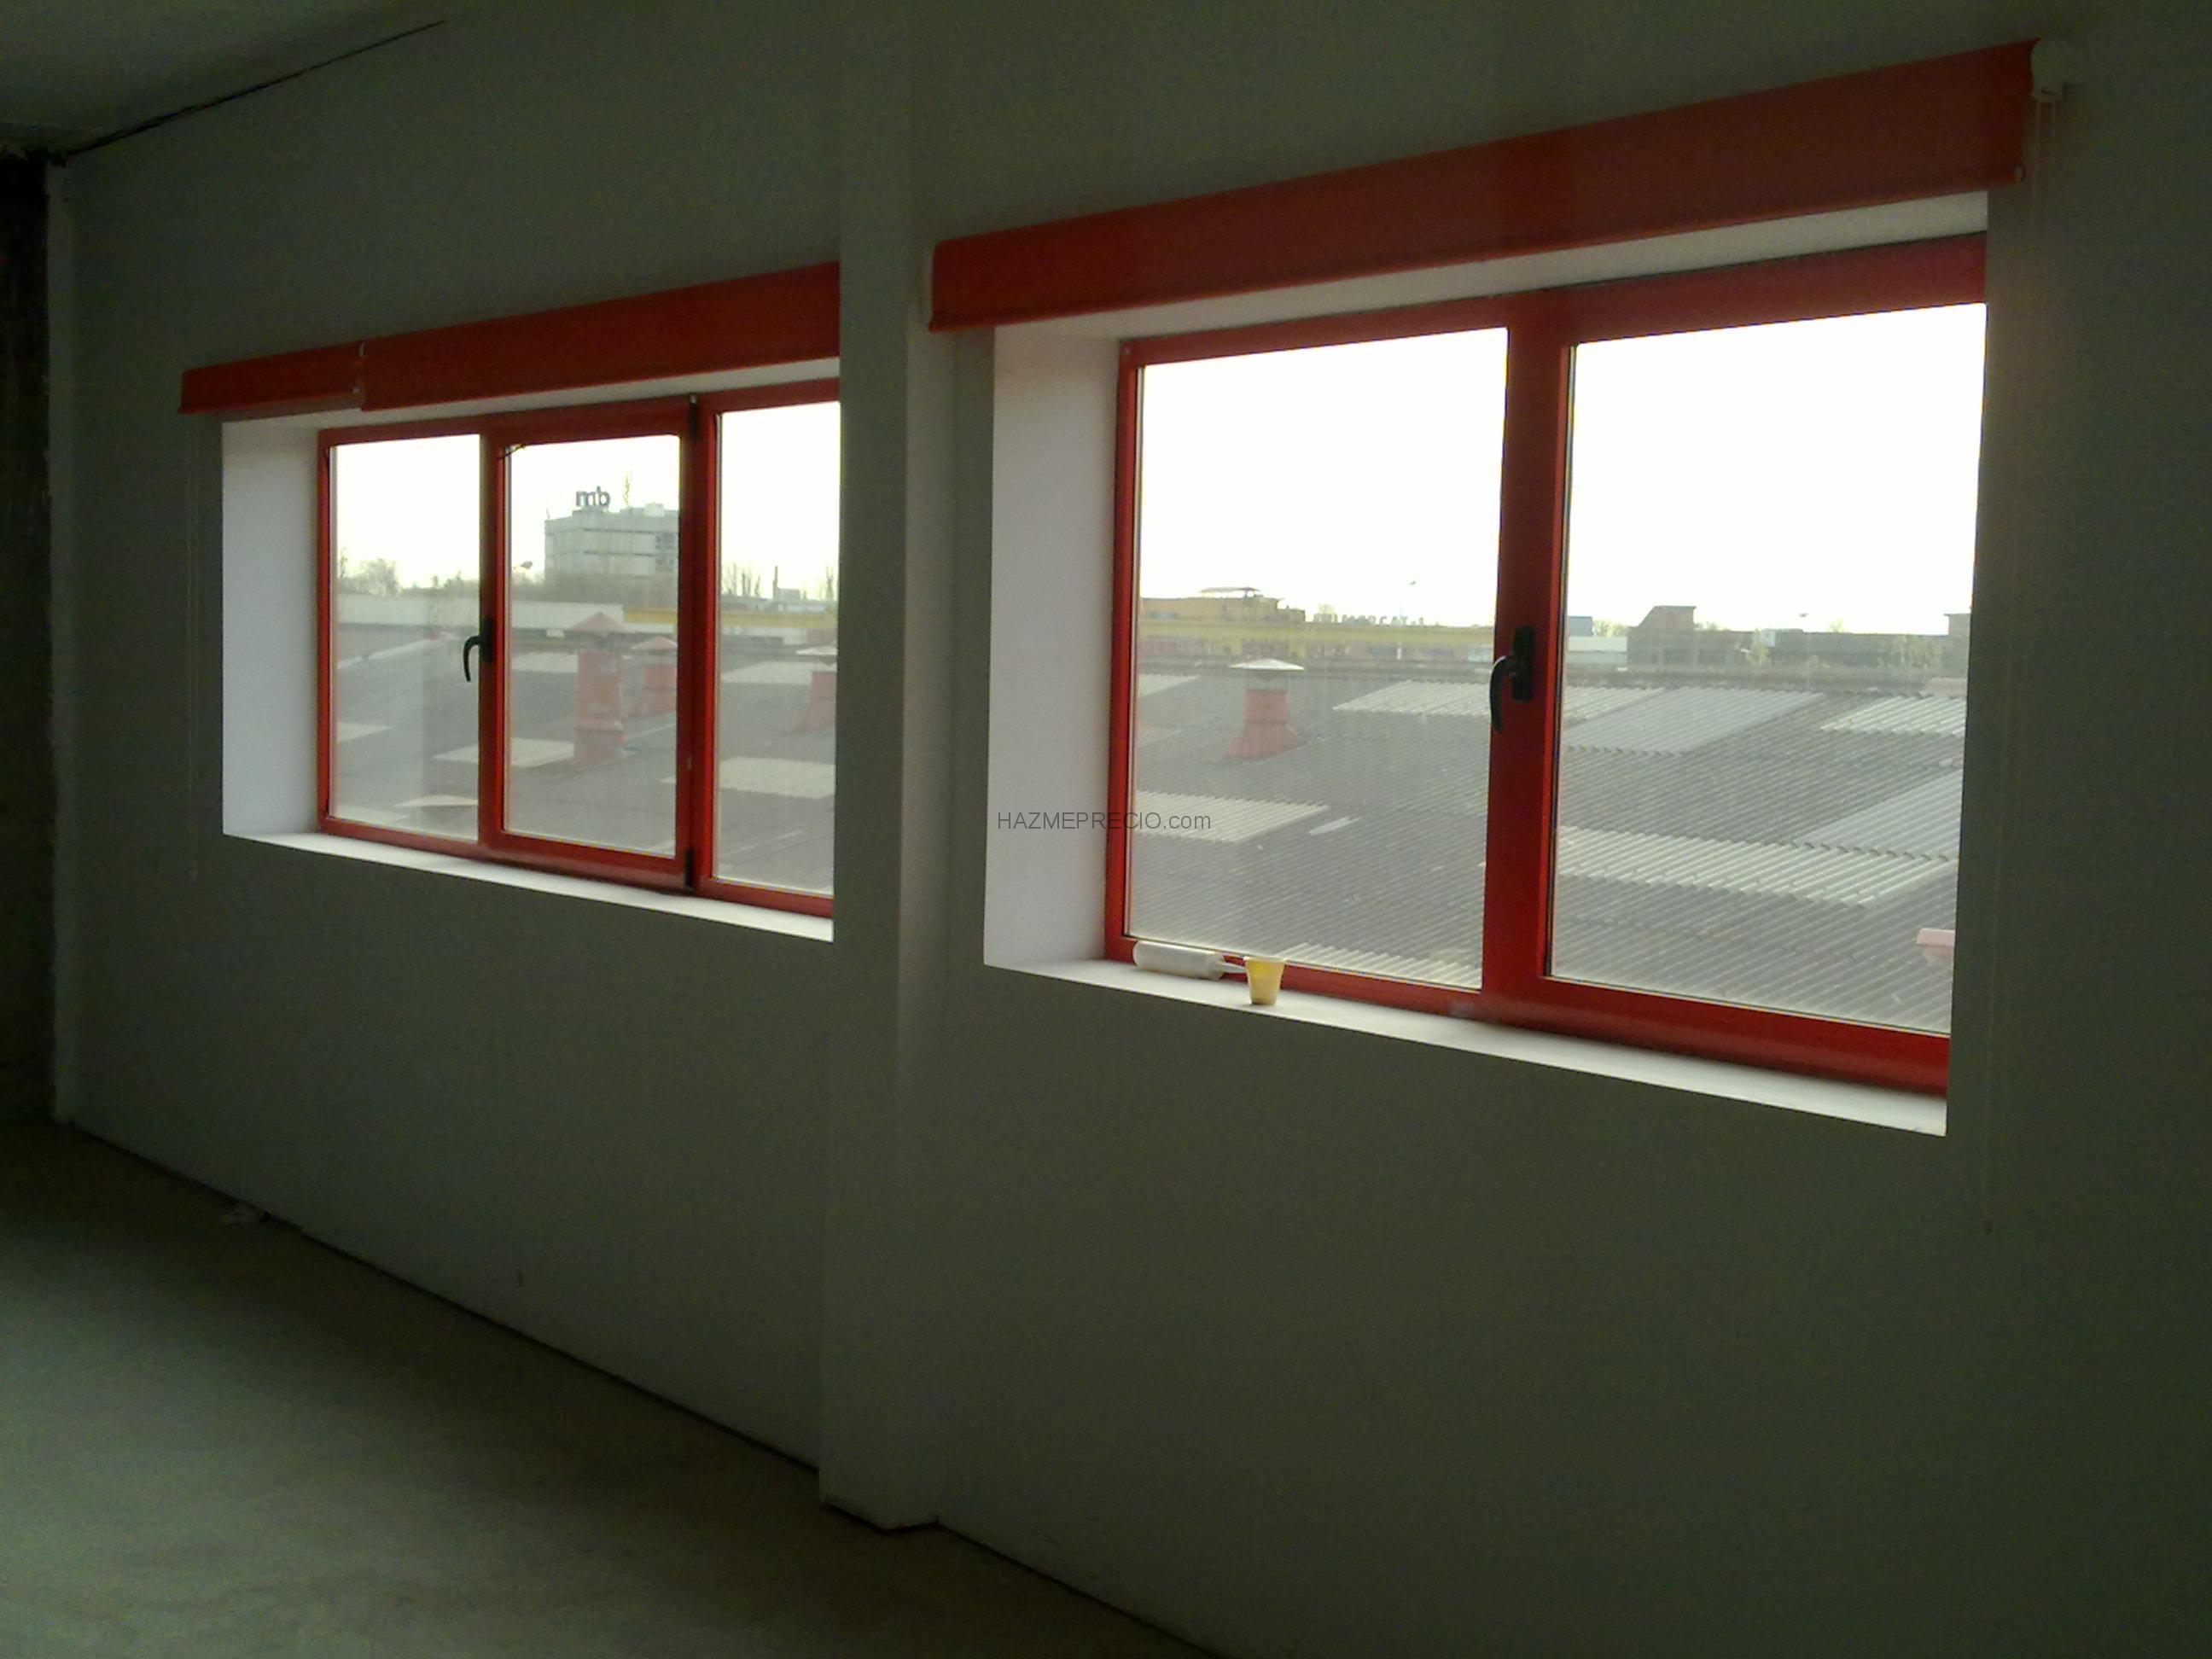 Presupuesto para poner ventana oscilo batientes en for Precio poner ventanas aluminio